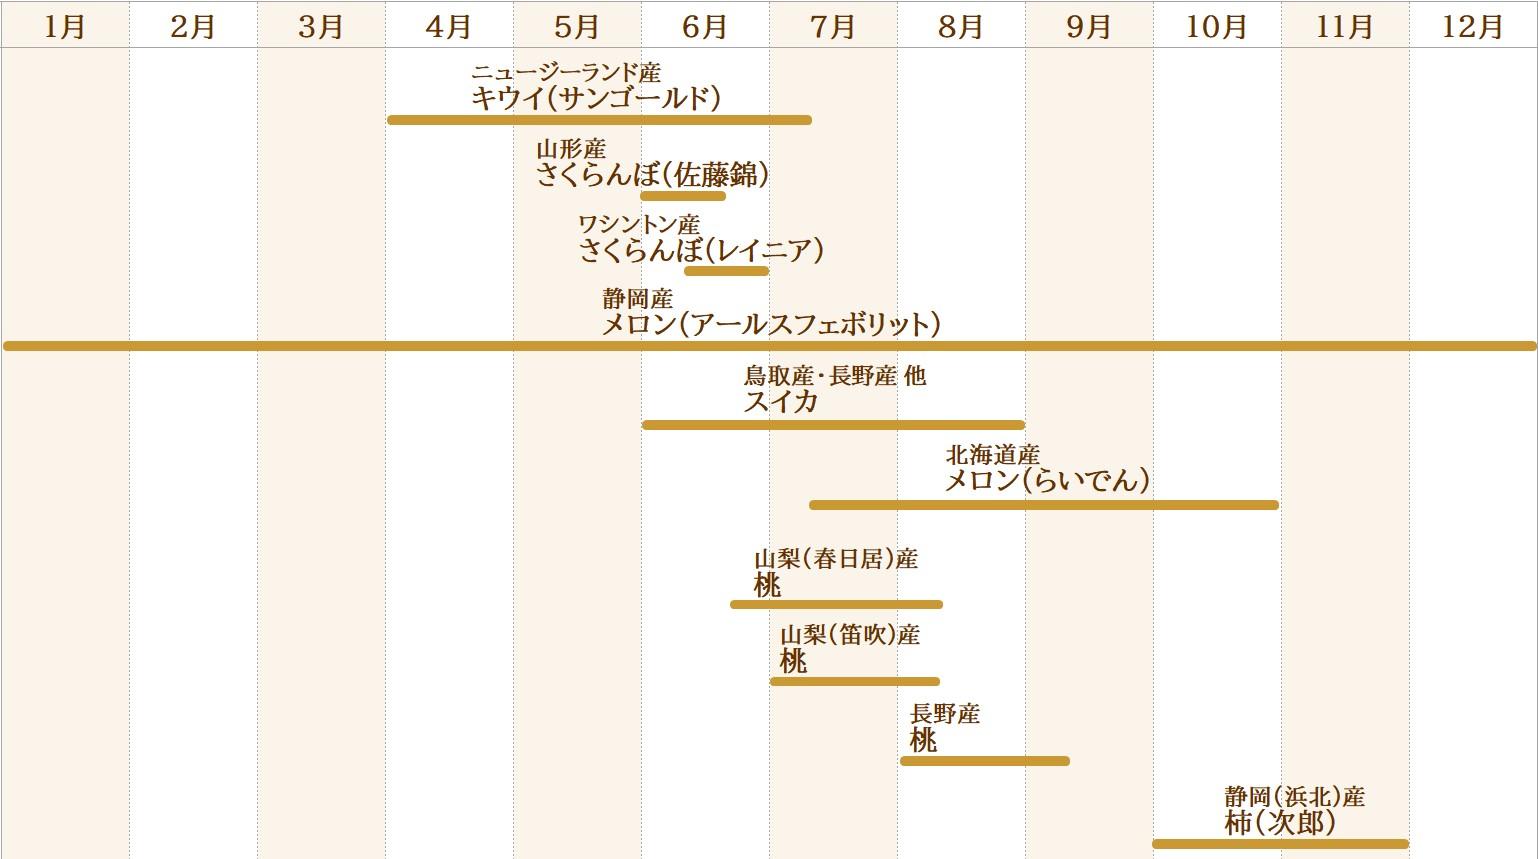 果物取り扱いカレンダー(その他)